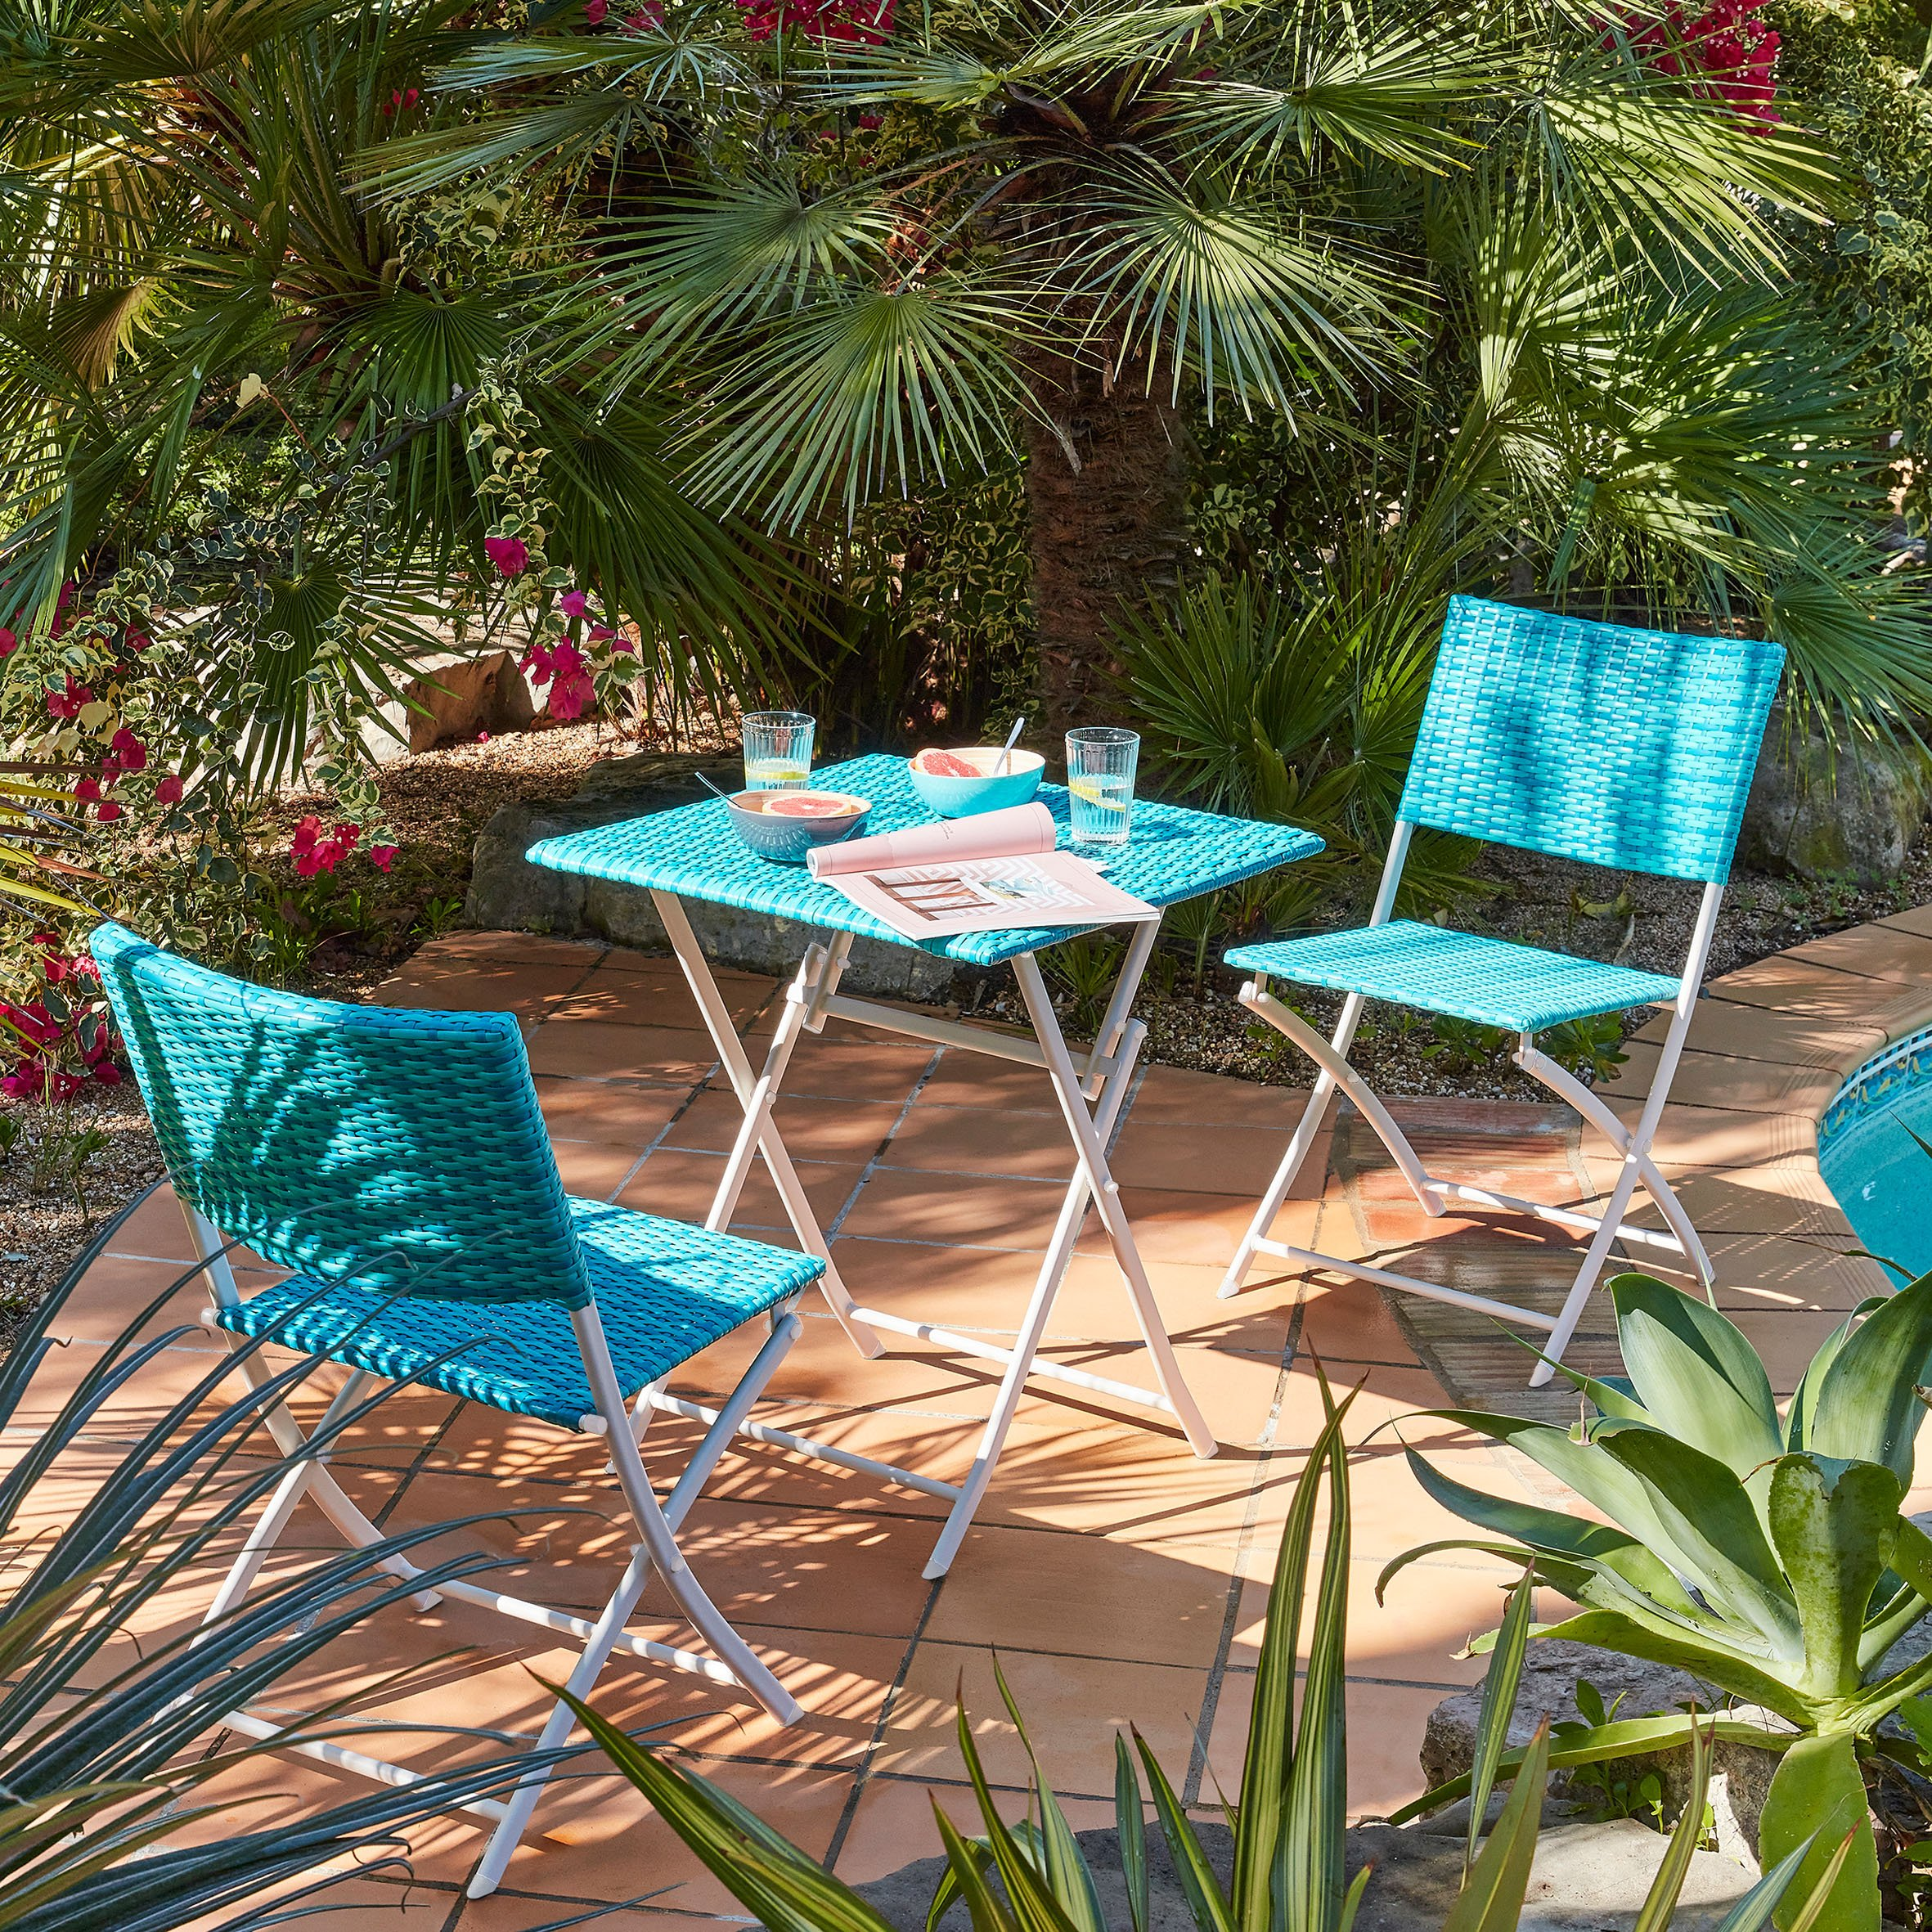 Garden Ideas for Renters